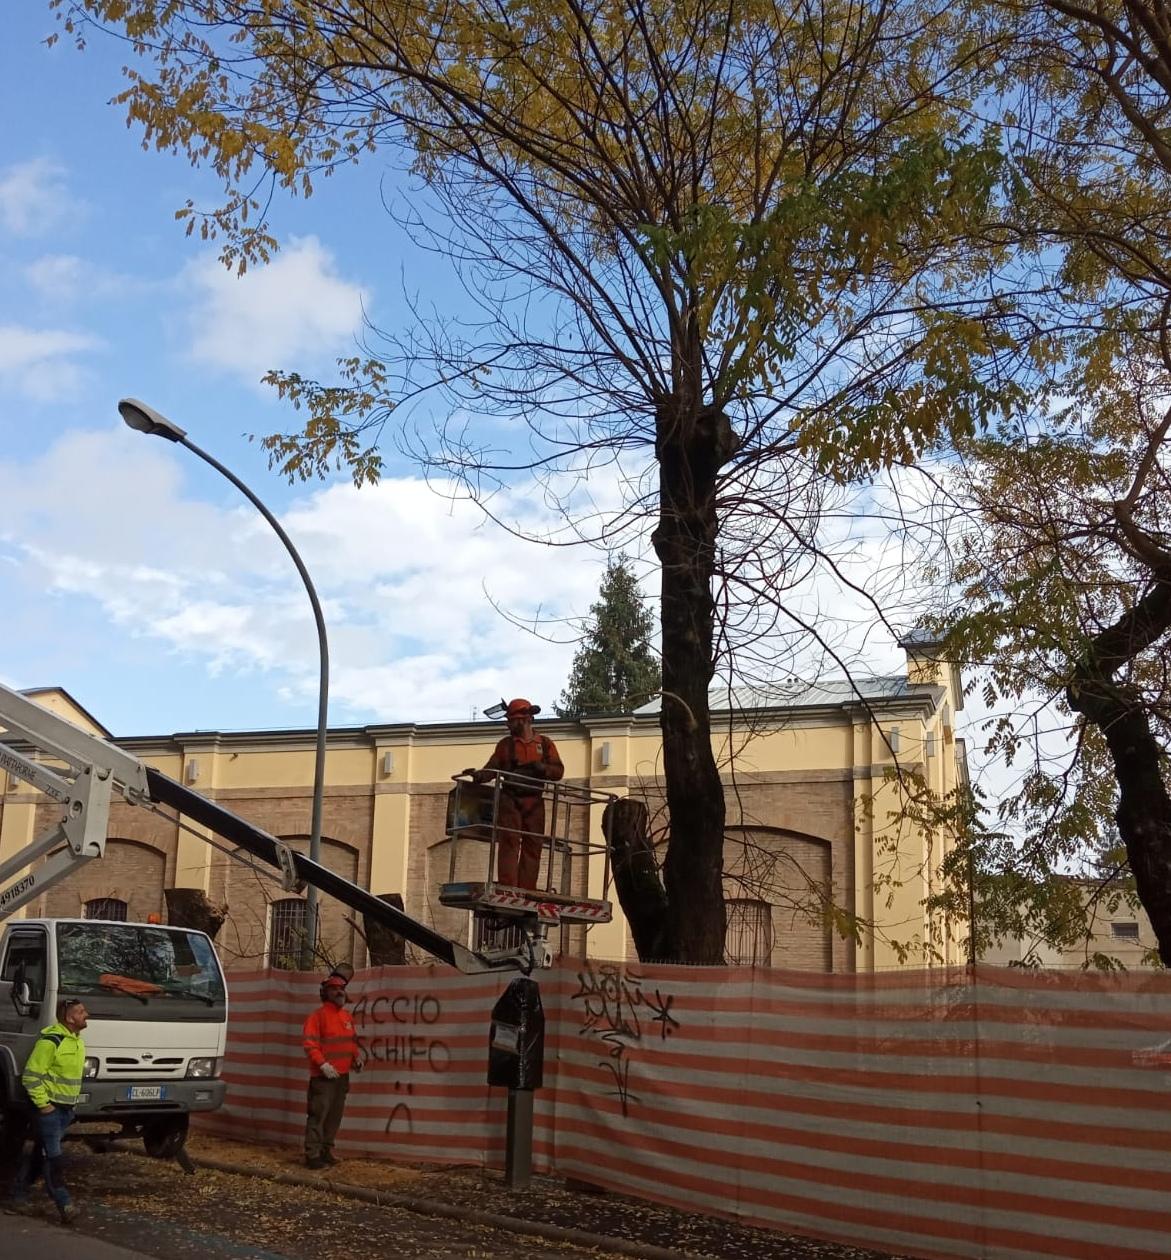 Immagini Di Piante E Alberi mezzacapo: «effettuate potature di alberi pericolanti e